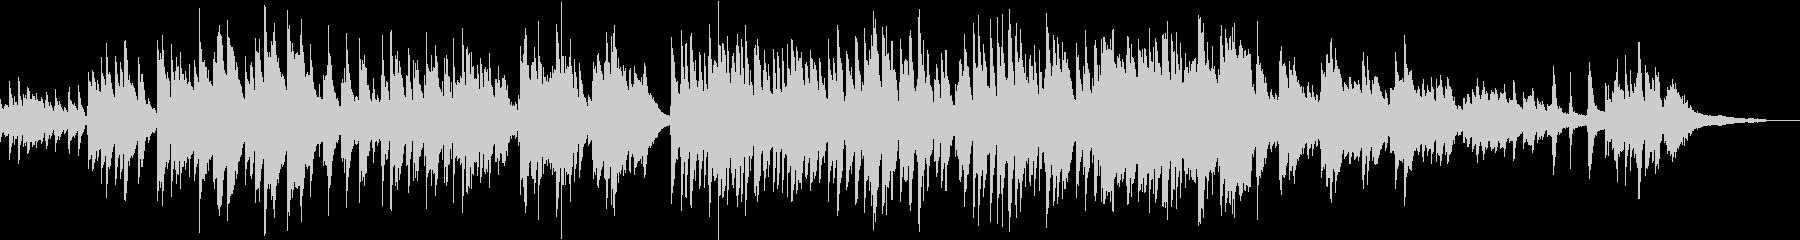 【ピアノバラード】綺麗で明るめ感動系PVの未再生の波形